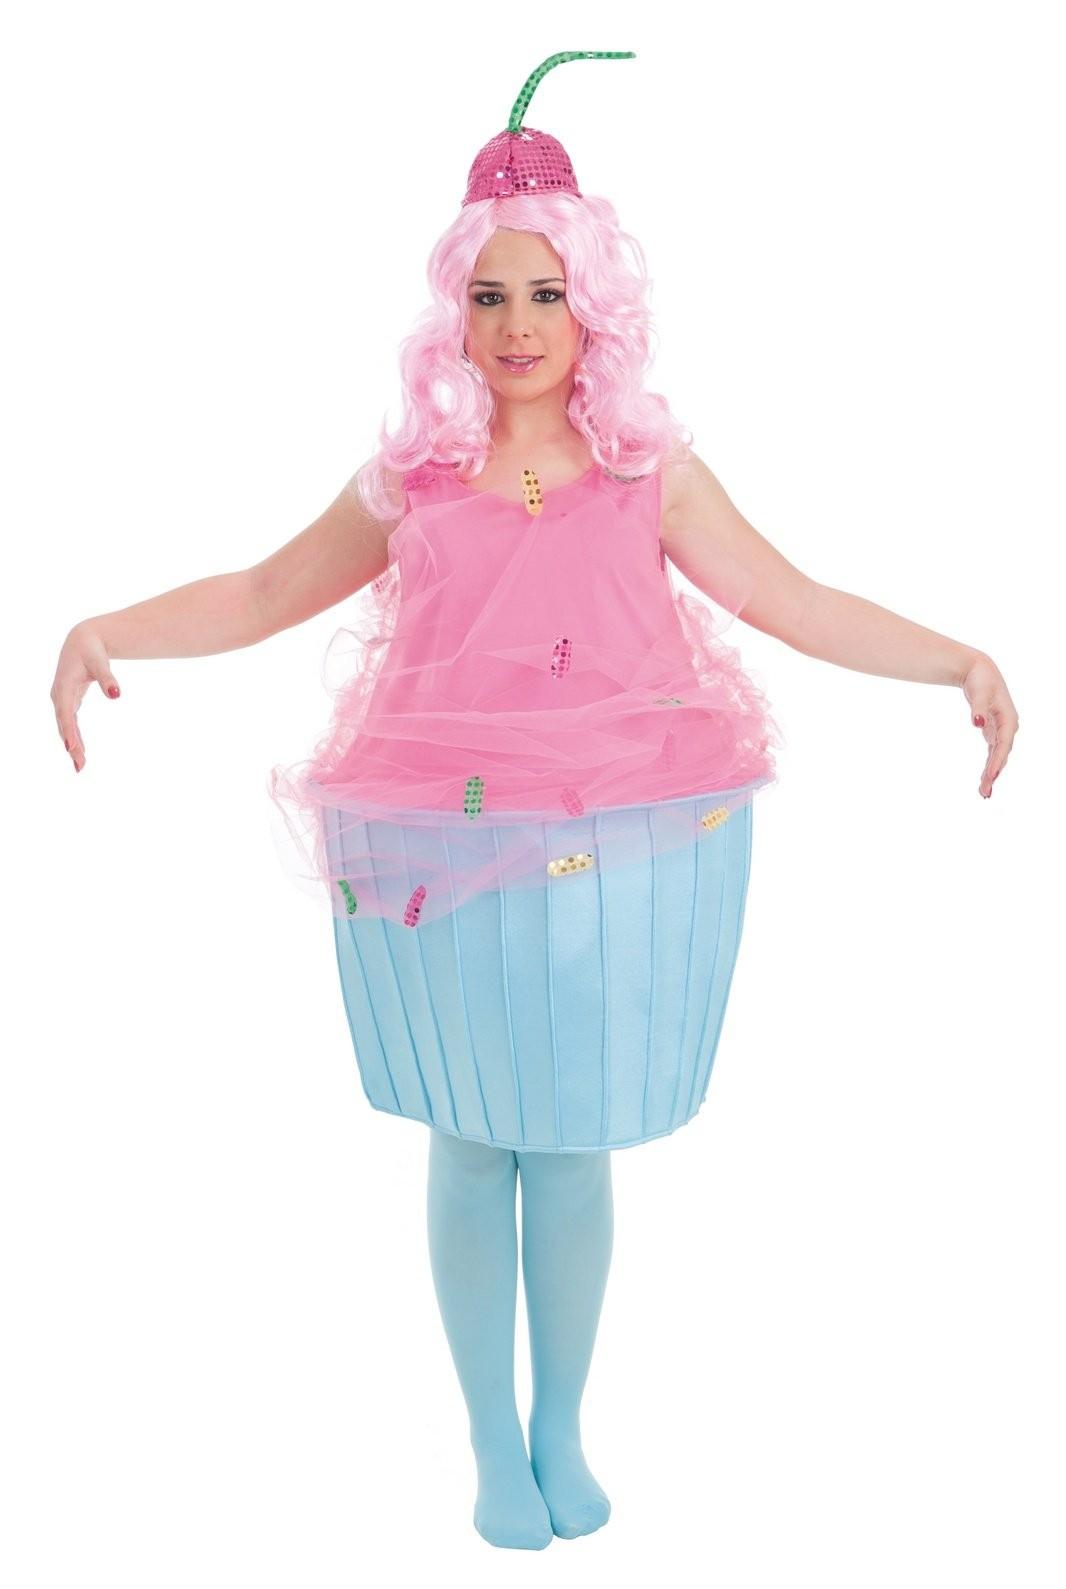 Comprar Disfraz de Cupcake por solo 35.00€ – Tienda de disfraces online